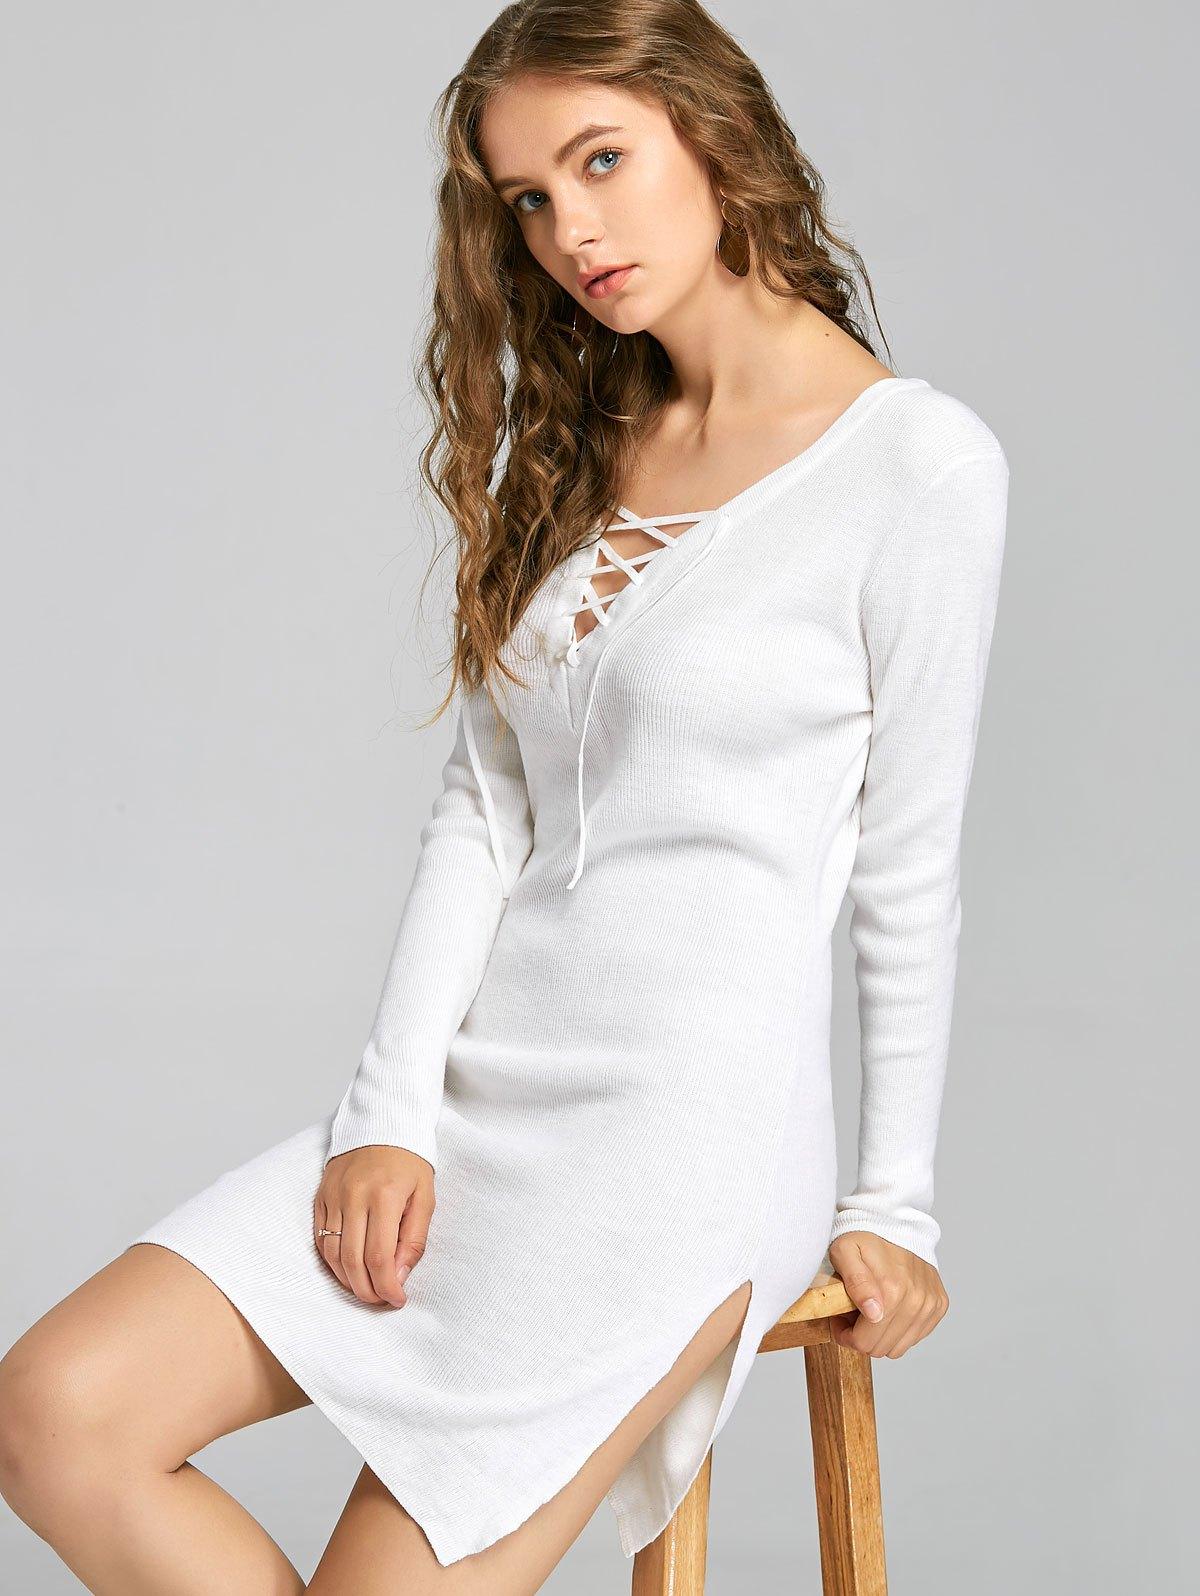 5 трикотажных платьев, которые будут актуальны не только летом, но и осенью